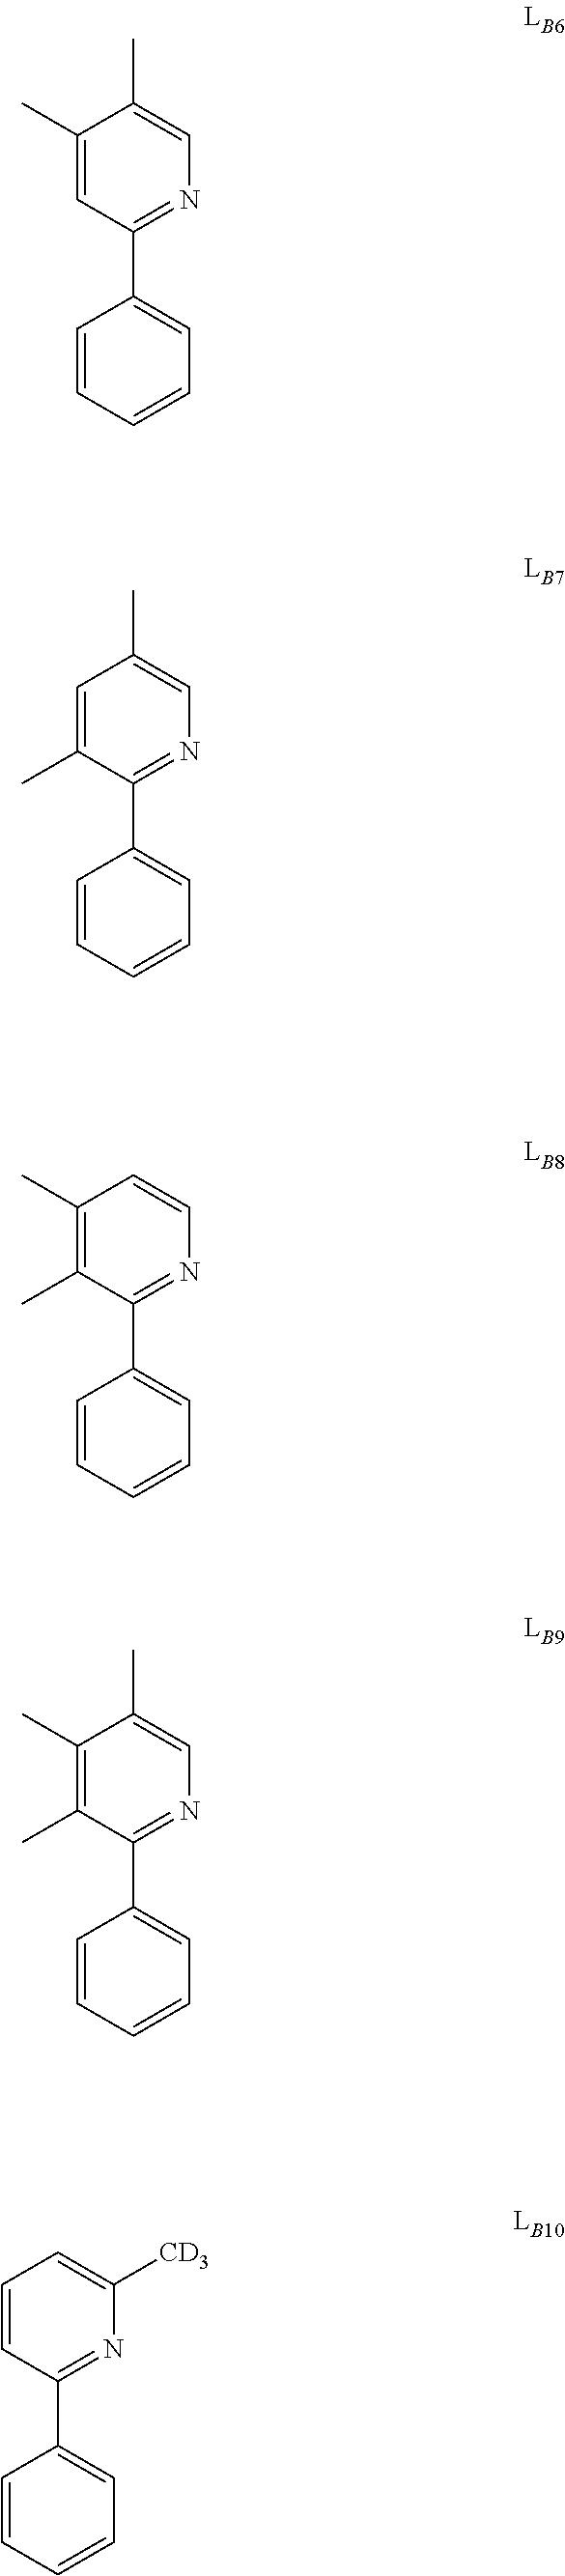 Figure US09634264-20170425-C00079